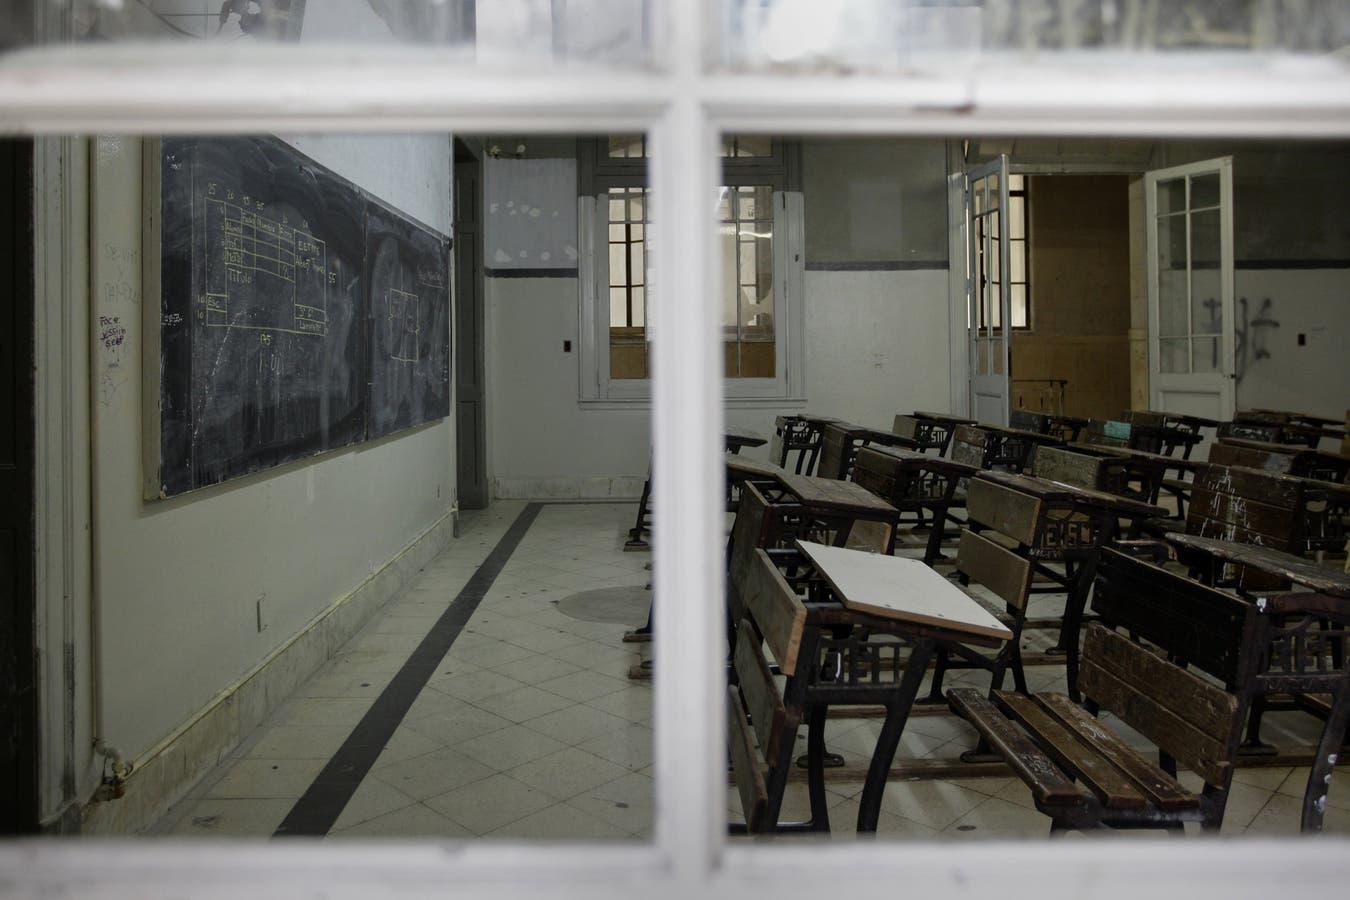 Escuelas cerradas, otra postal de la pandemia